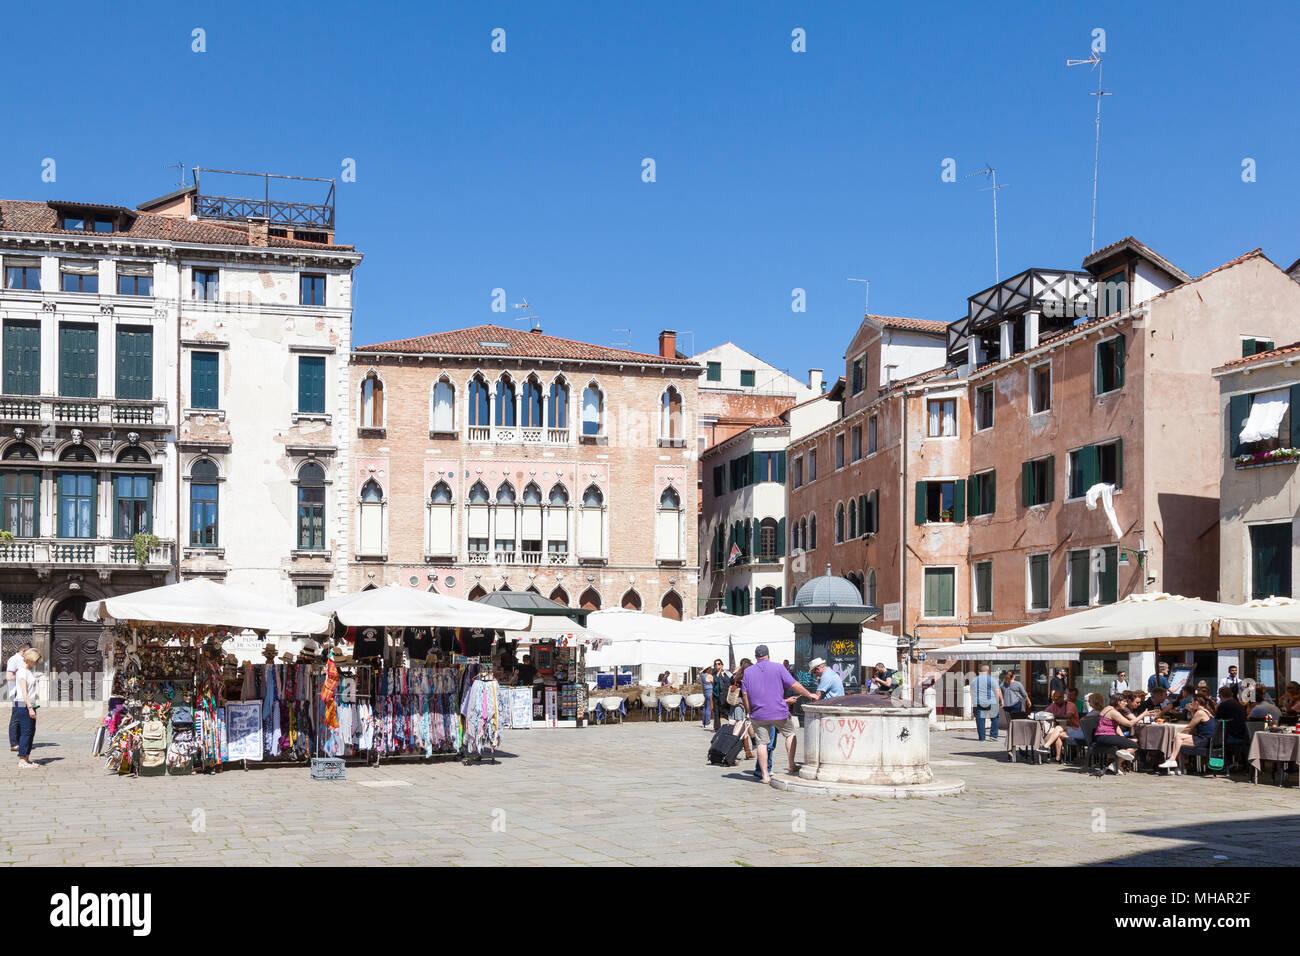 Campo Sant'Anzolo, San Marco, Venise, Vénétie, Italie avec le Palazzo Gritti Morosini (rose) et le Palais Trevisan Pisani (à sa gauche) Photo Stock